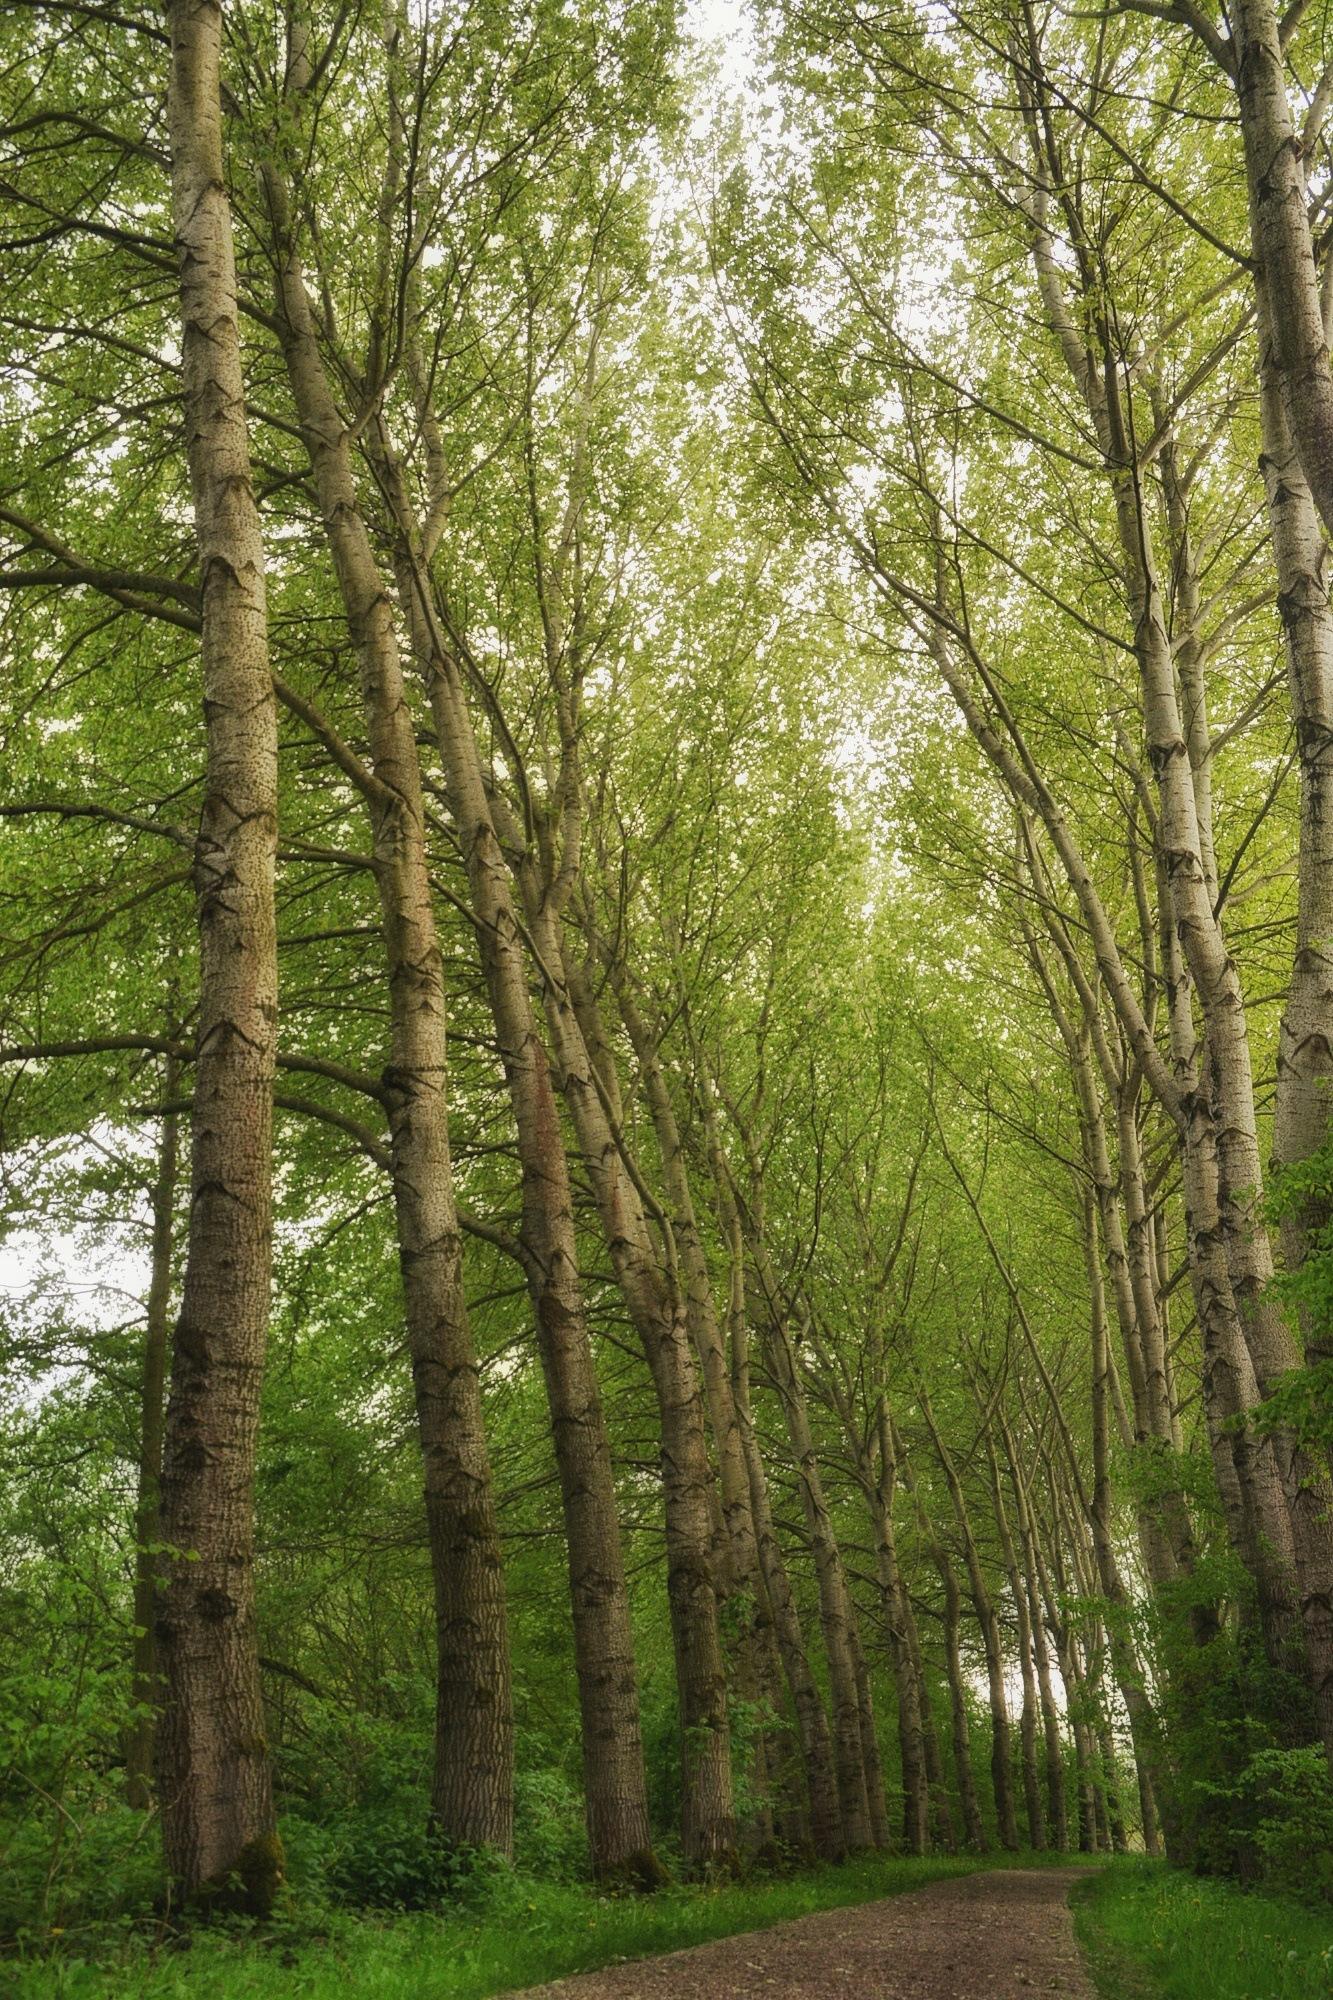 Dancing trees by Jannie Looge